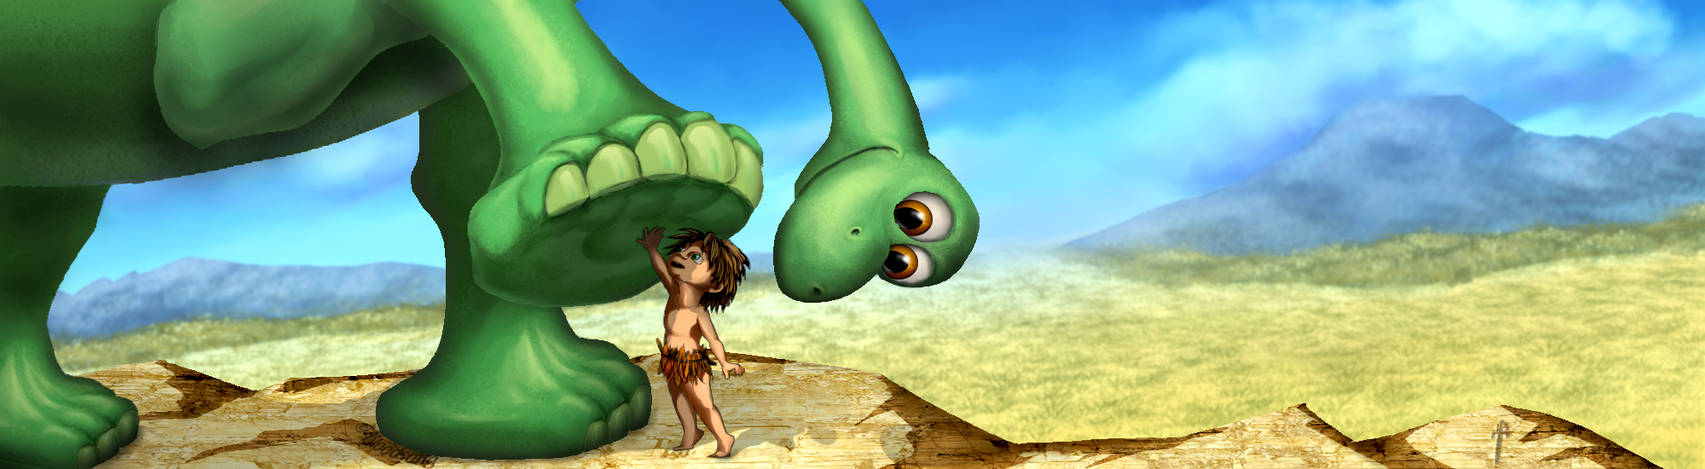 The Good Dinosaur: Touch